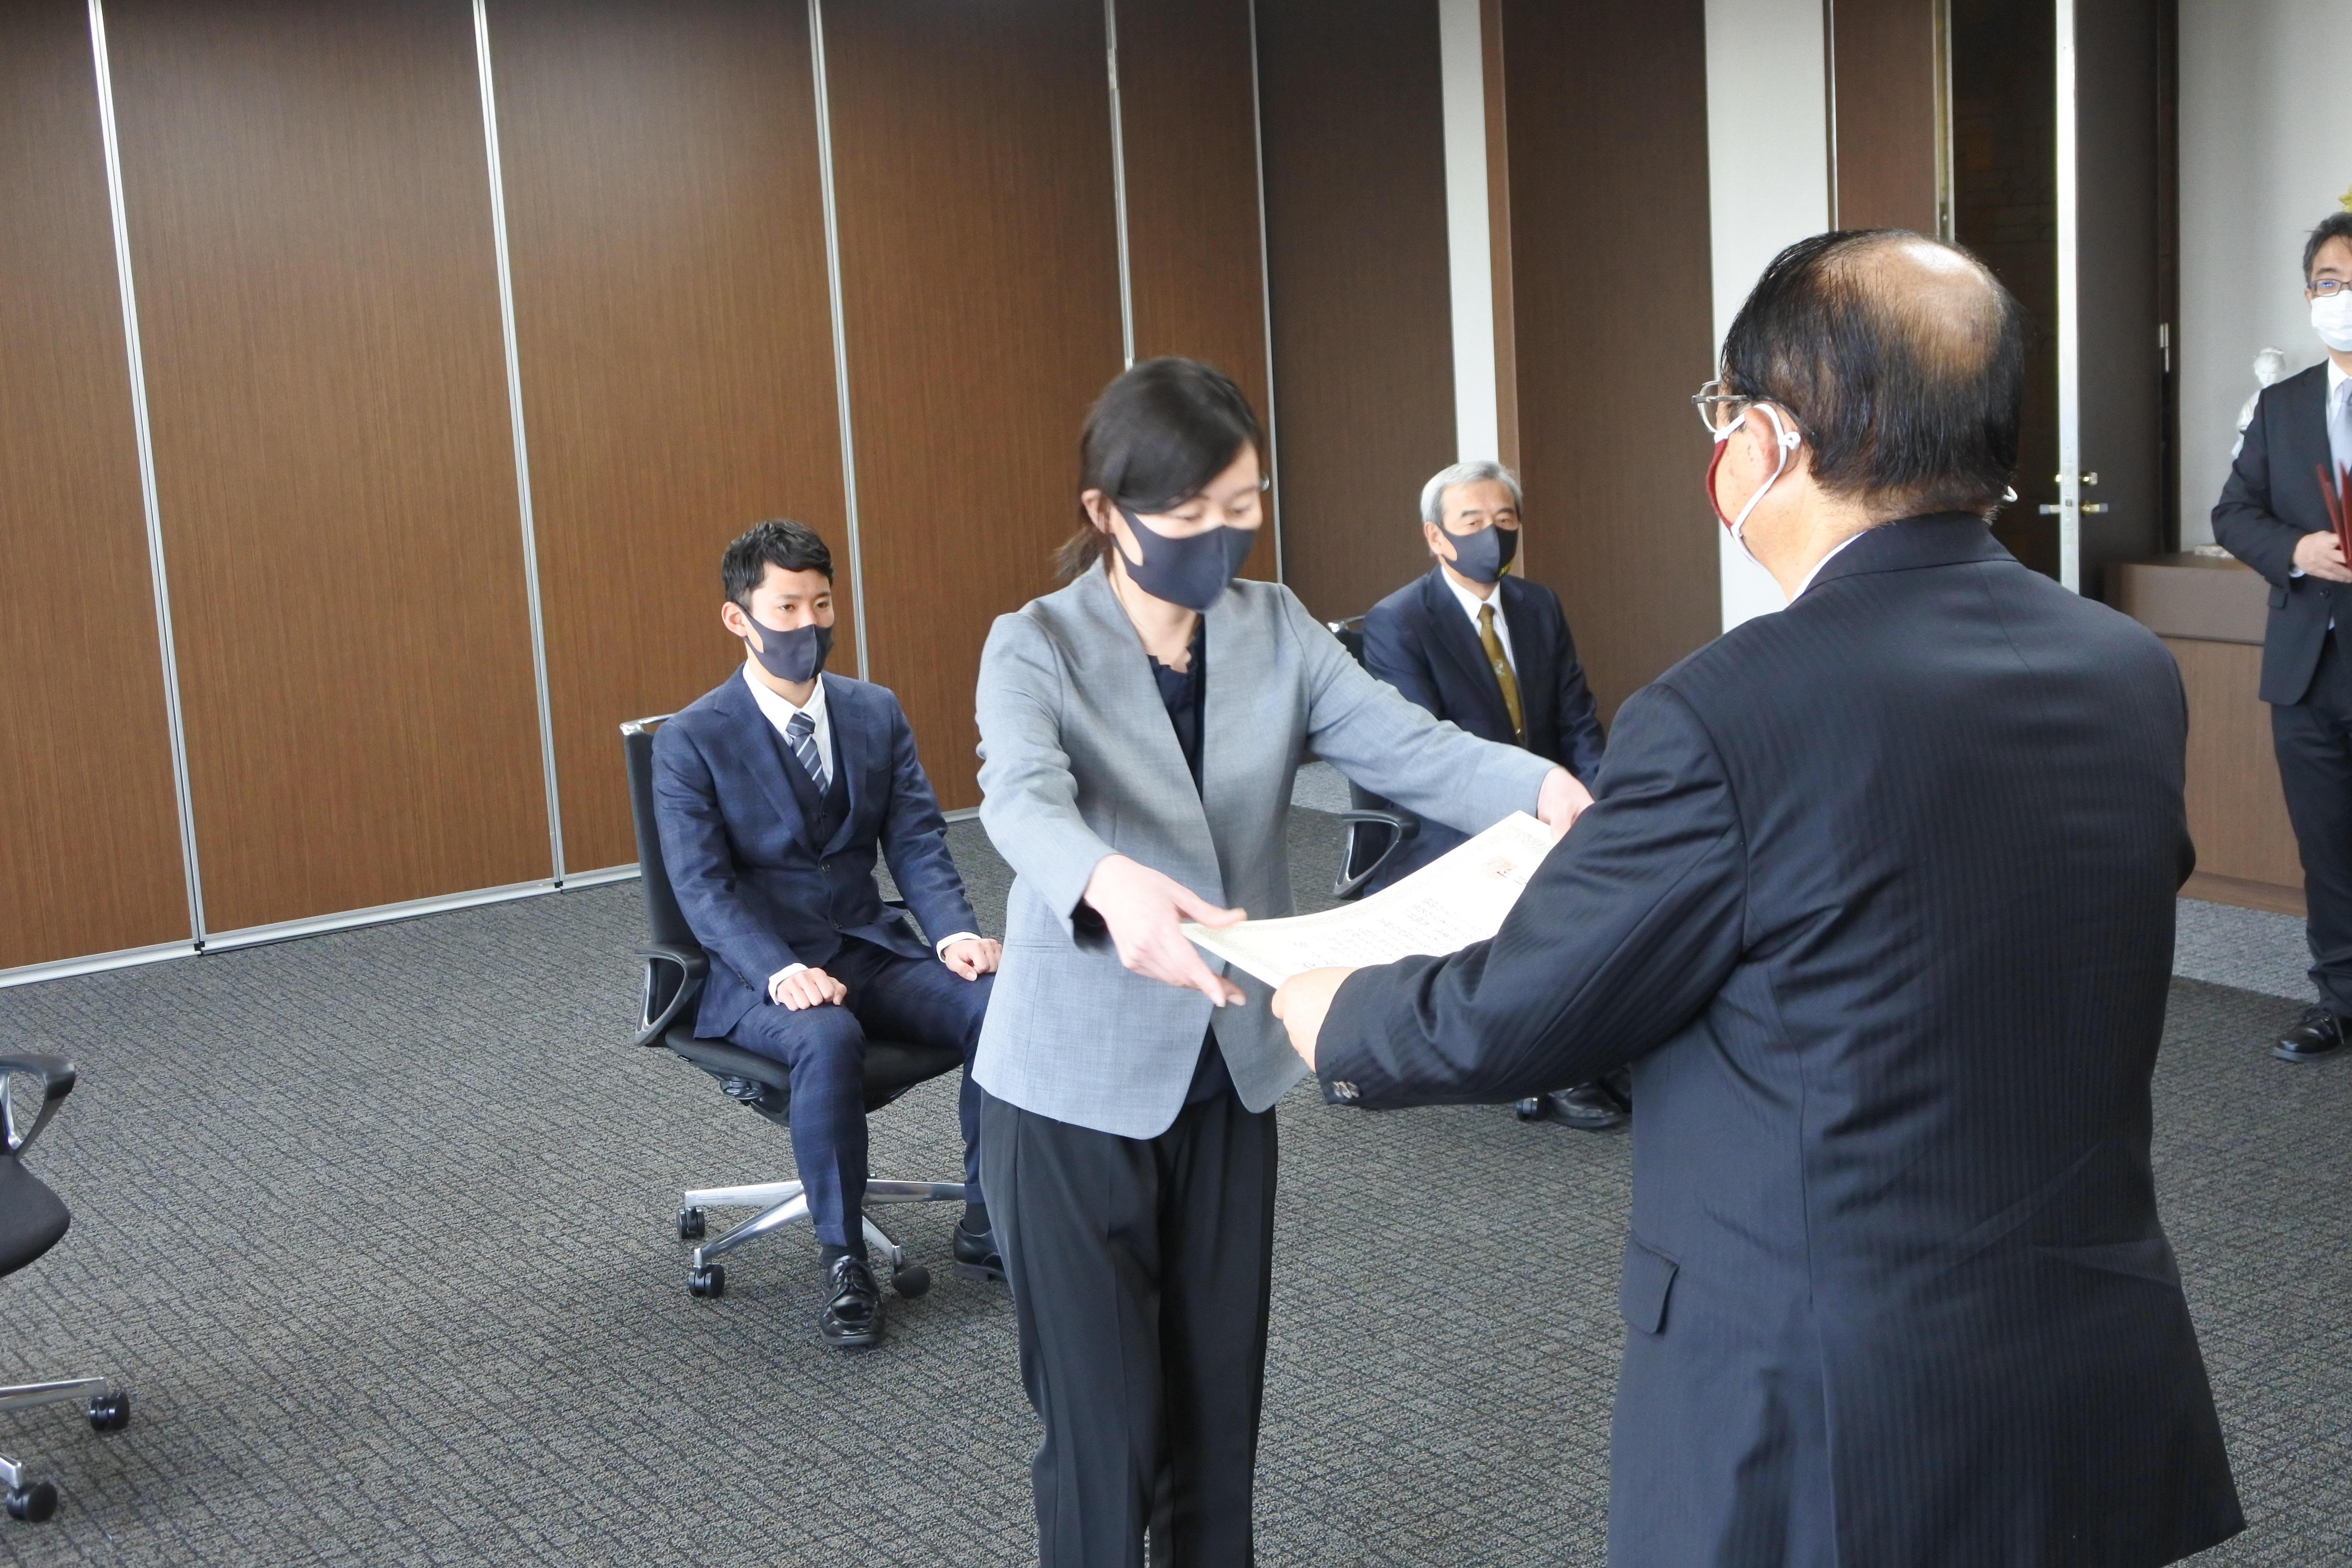 立花理事長から表彰状を受け取る中尾コーチ